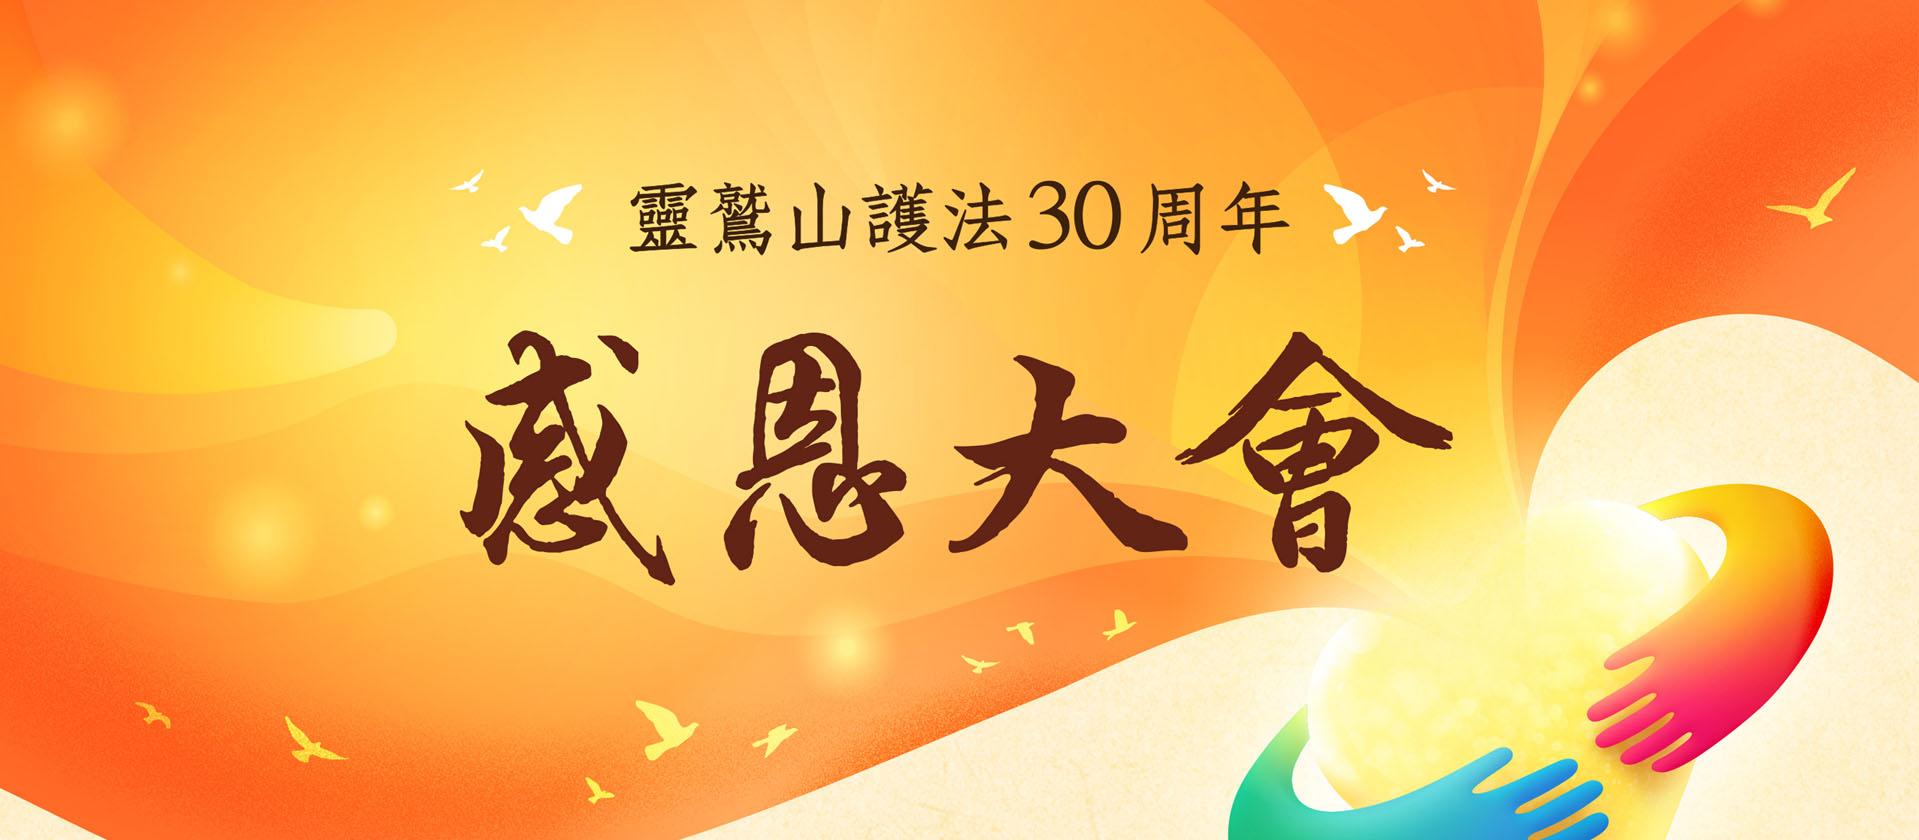 靈鷲山護法會30周年感恩大會-榮耀生命 走向幸福 《精華版》